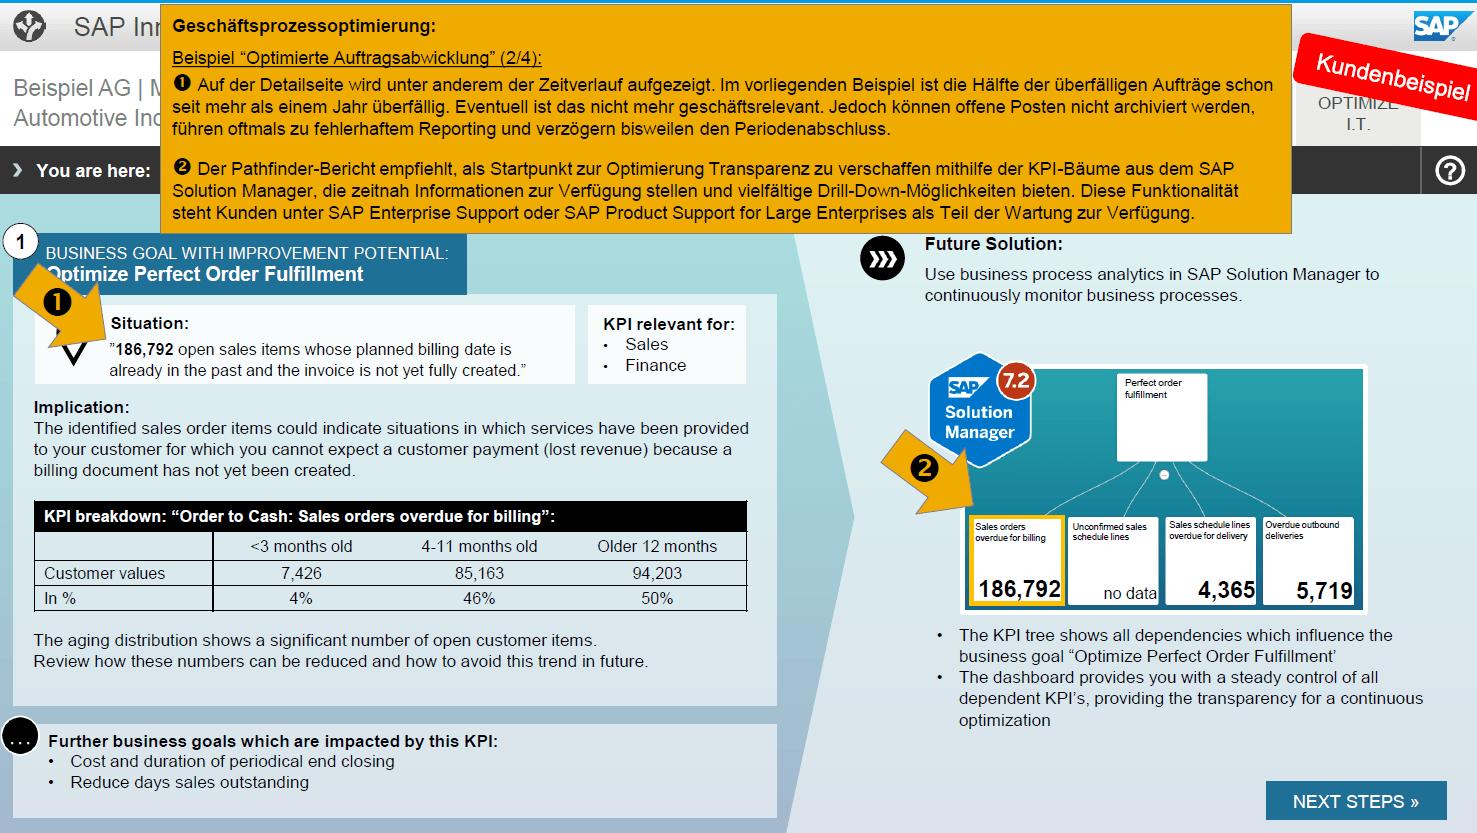 Blog_Screen_SAP Pathfinder_Optimierte Auftragsabwicklung 2